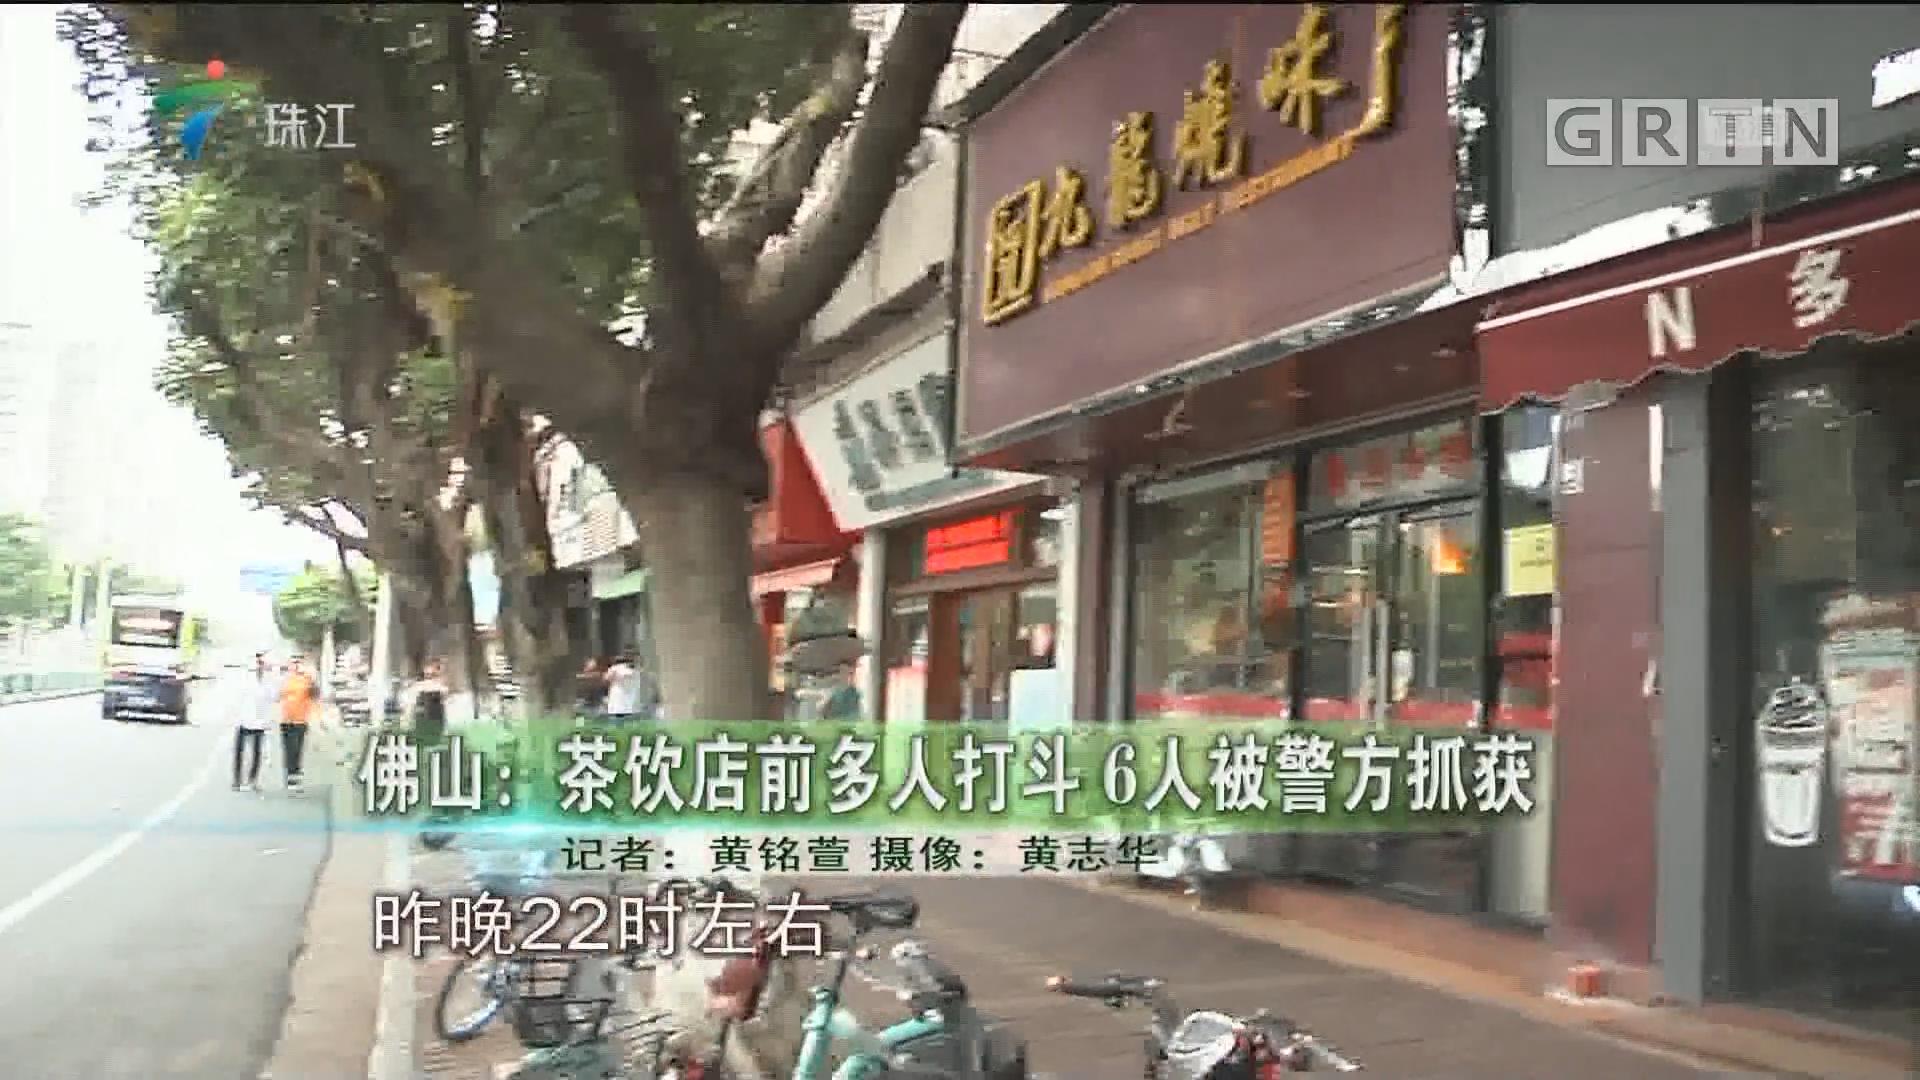 佛山:茶饮店前多人打斗 6人被警方抓获